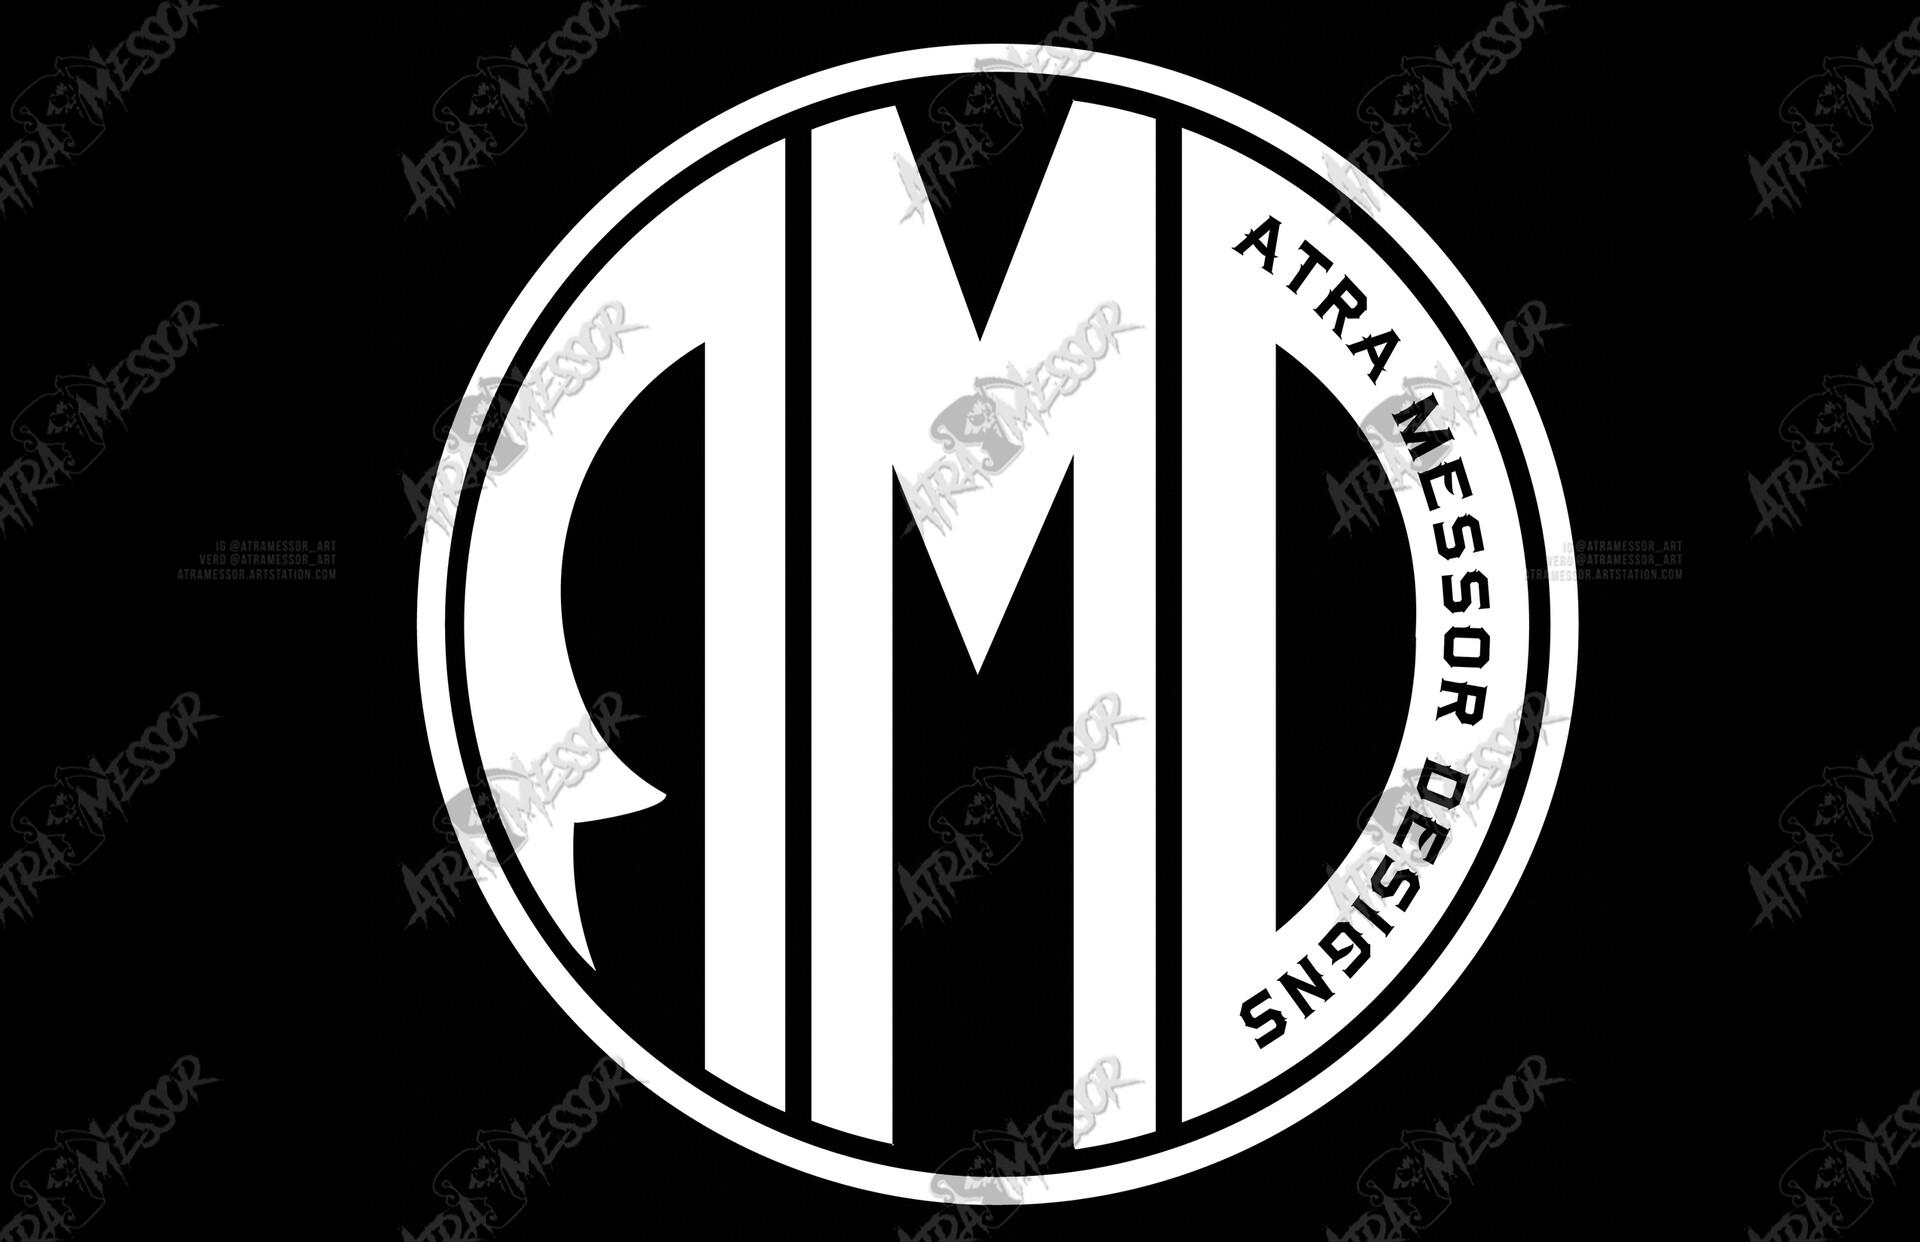 Atra Messor Designs Logo (personal)